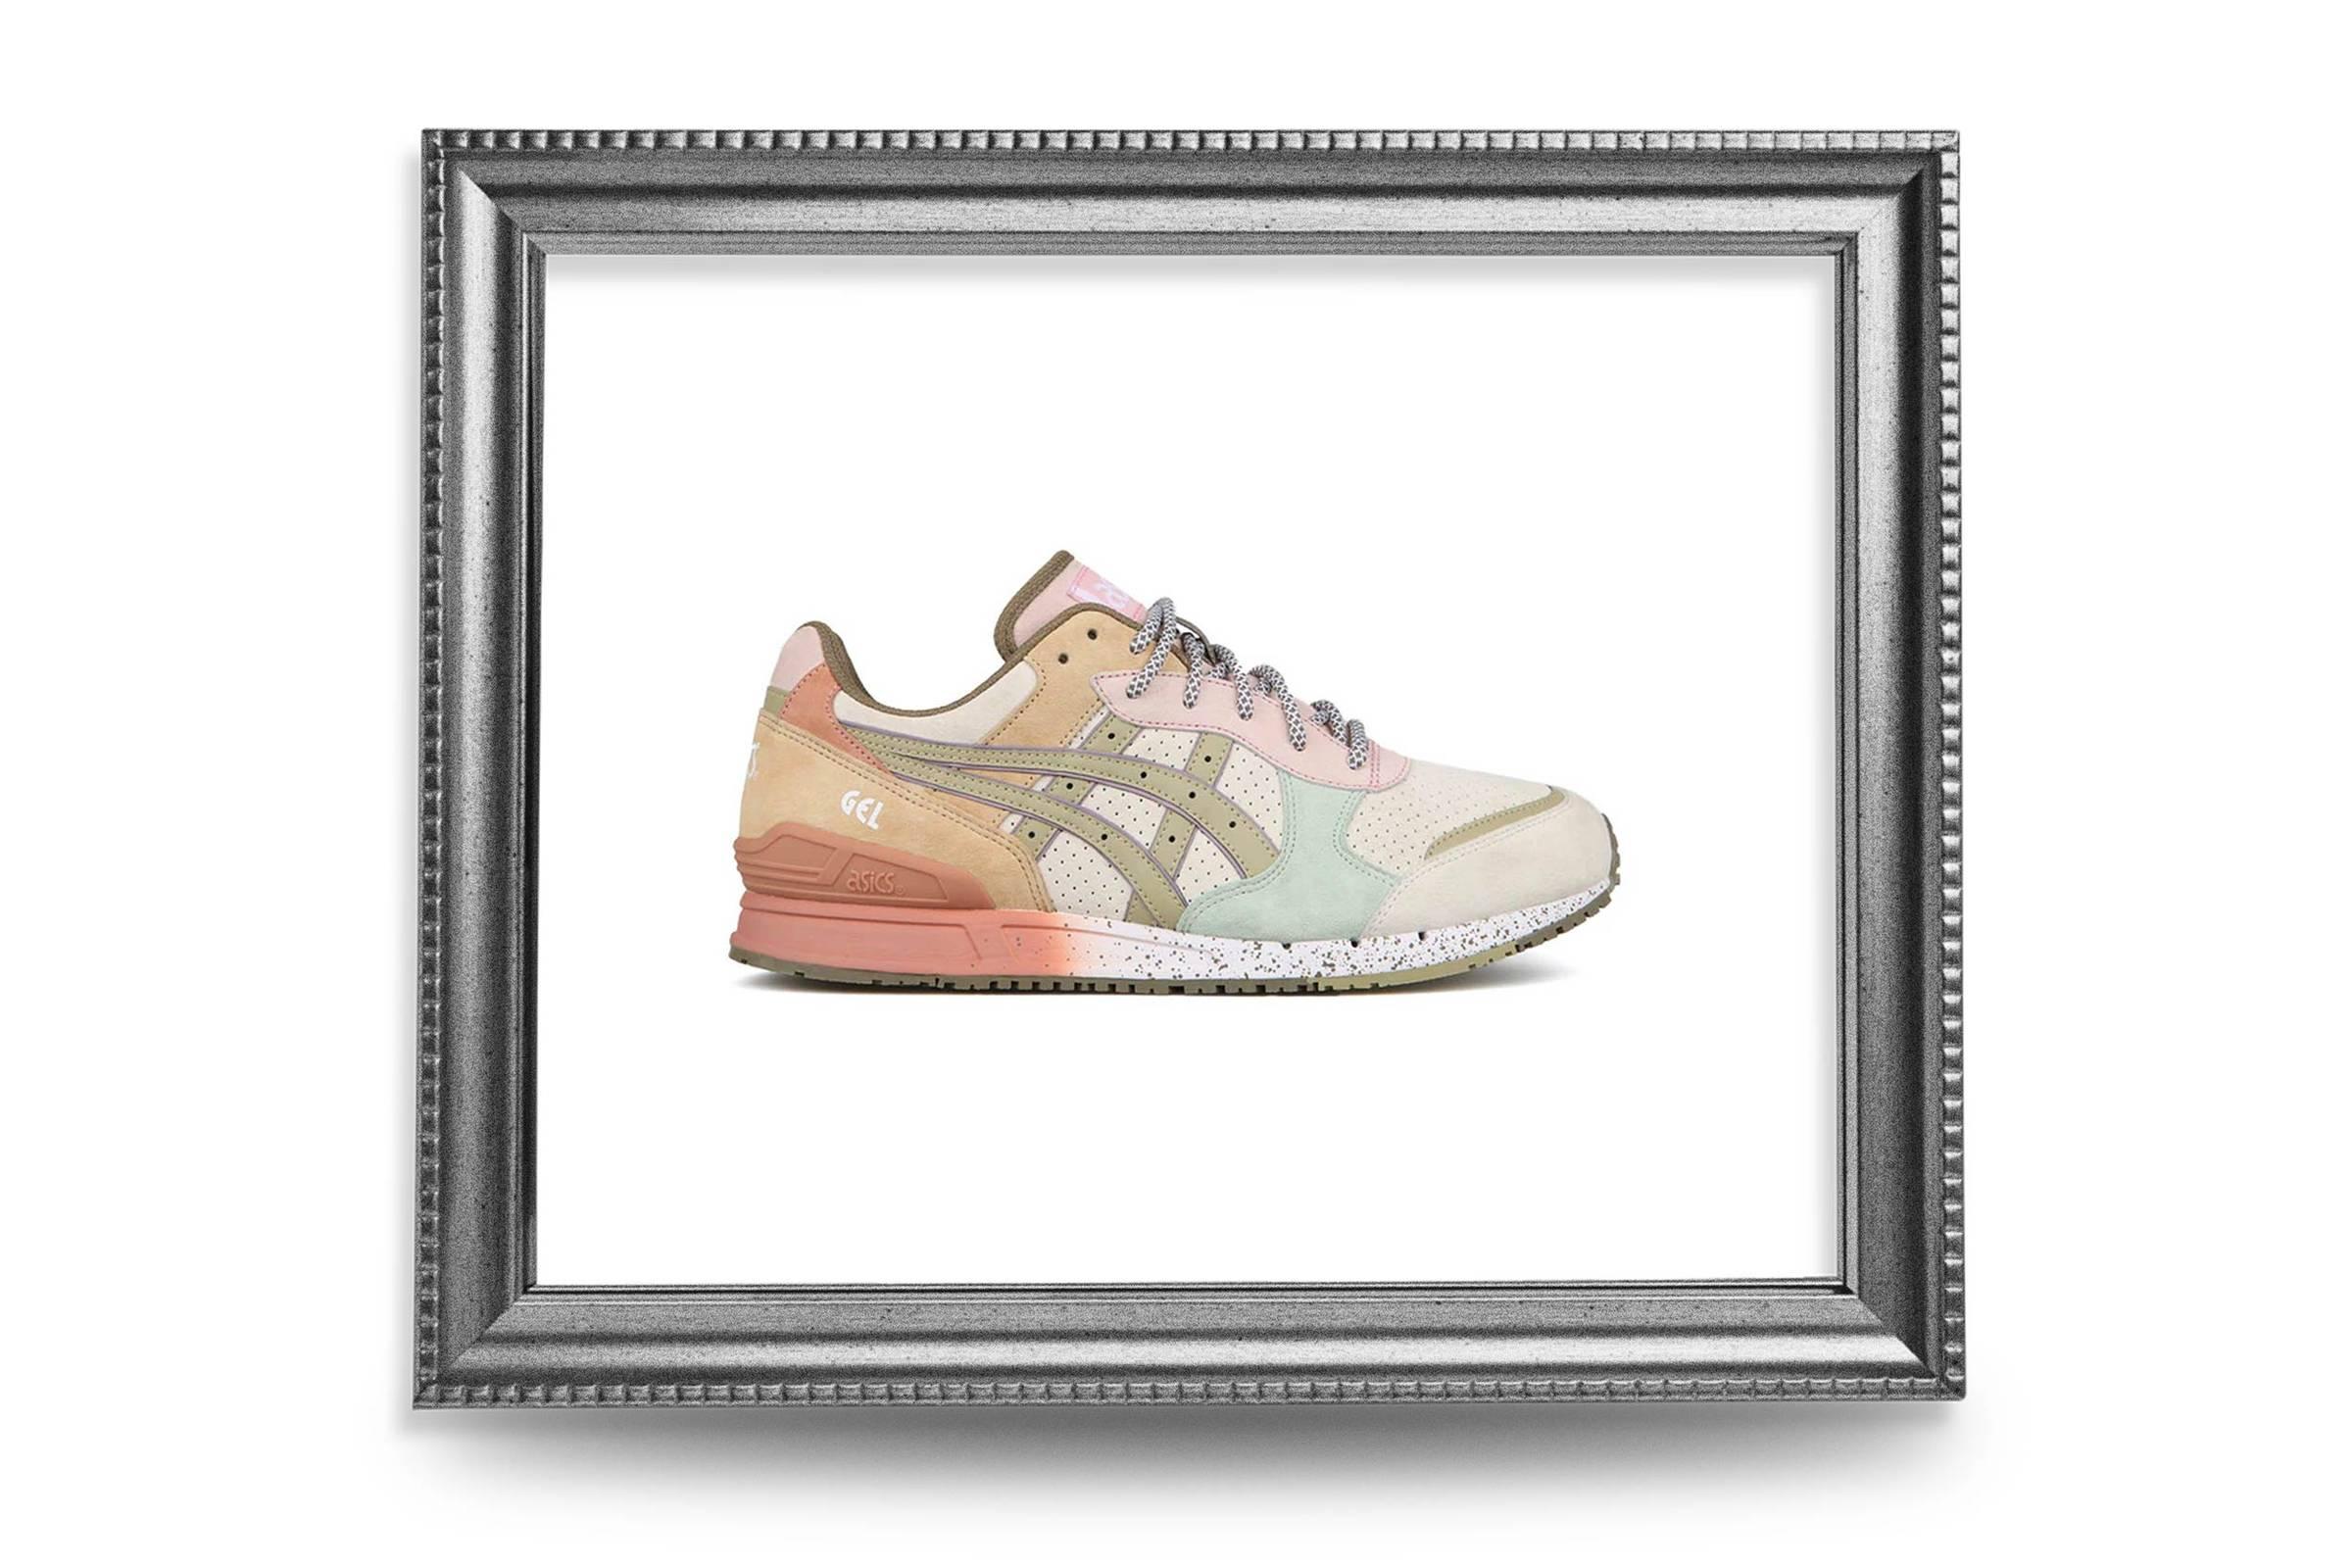 Sneaker Stories: Week of July 19, 2020